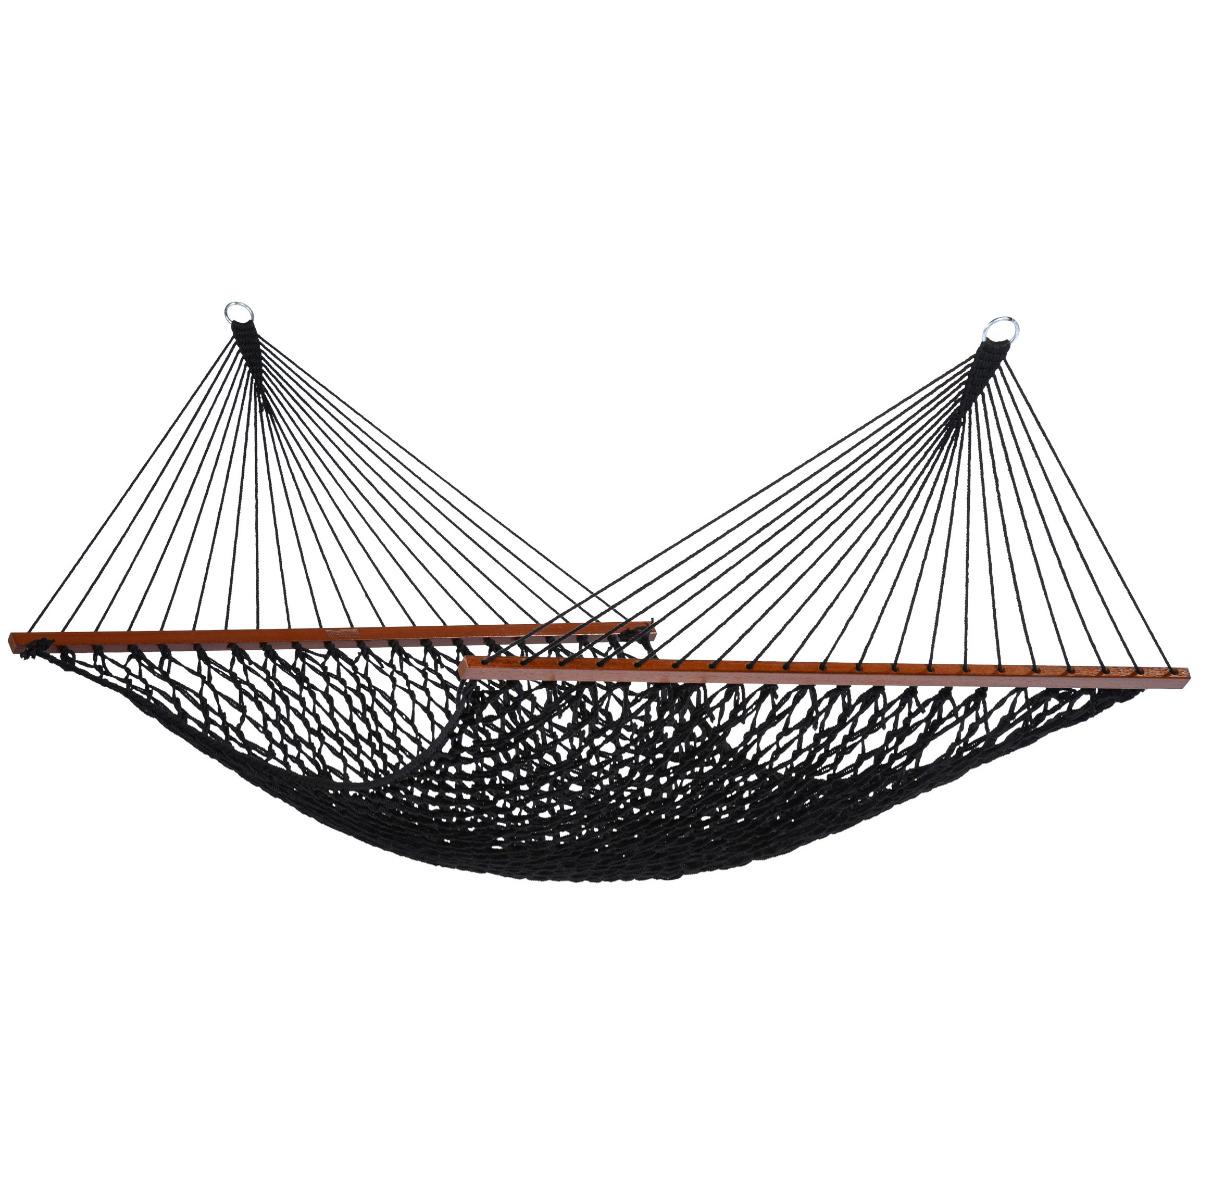 Hangmat 'Rope' Black - Tropilex ®